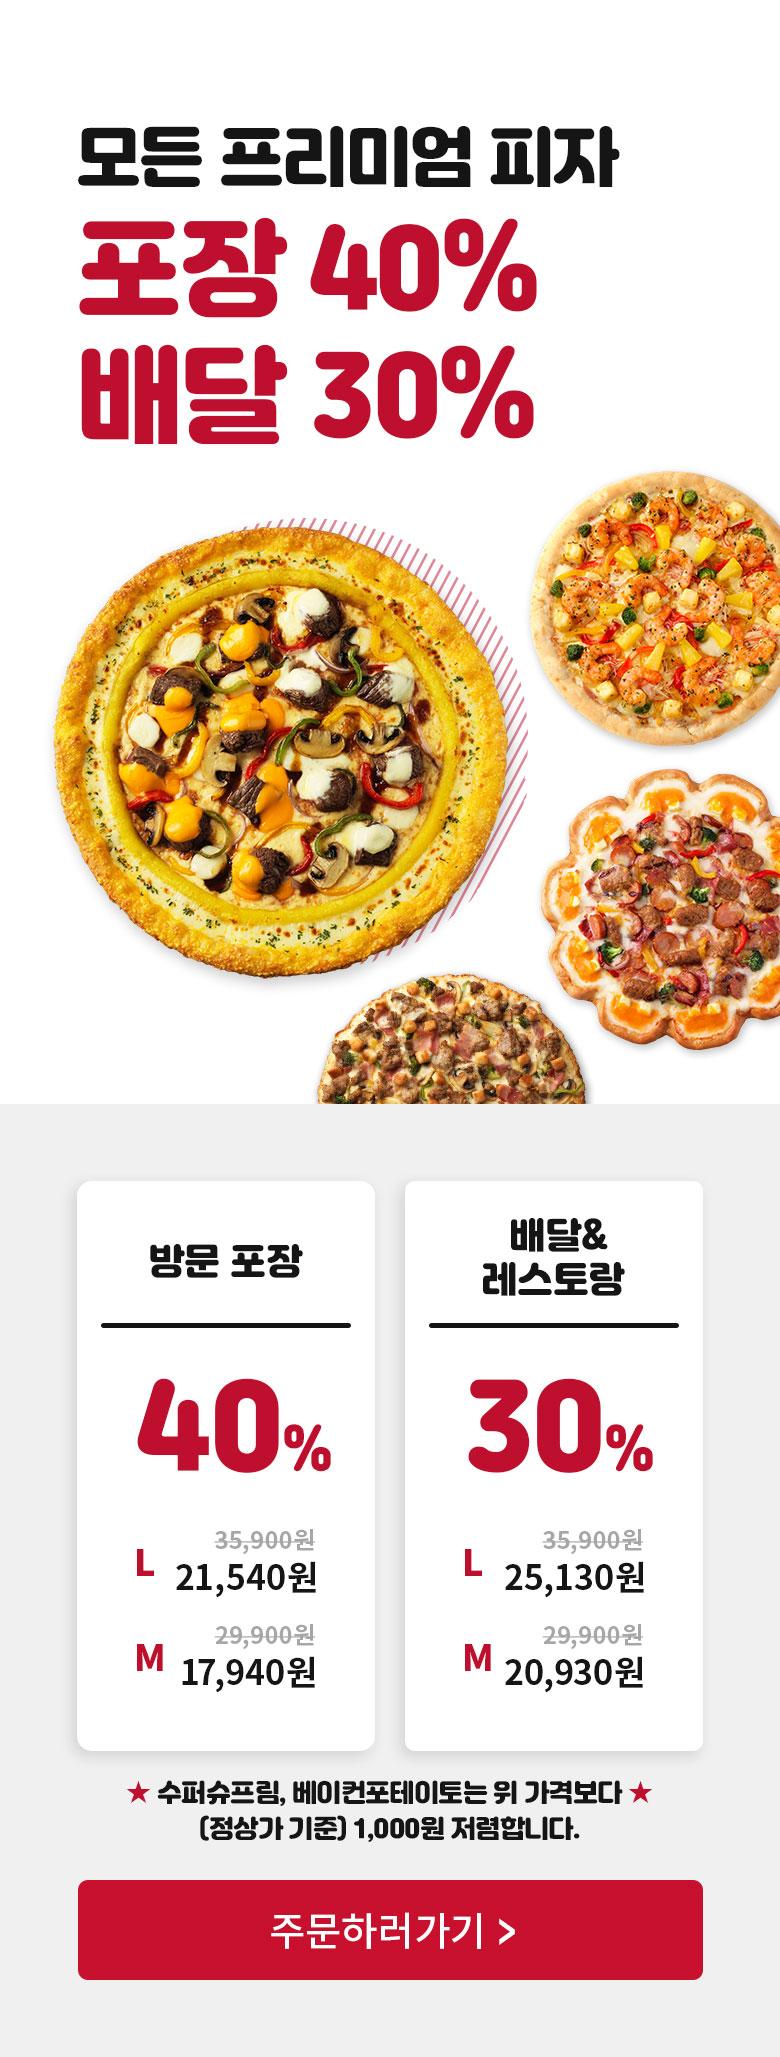 모든 프리미엄 피자 할인의 상세정보 안내 이미지